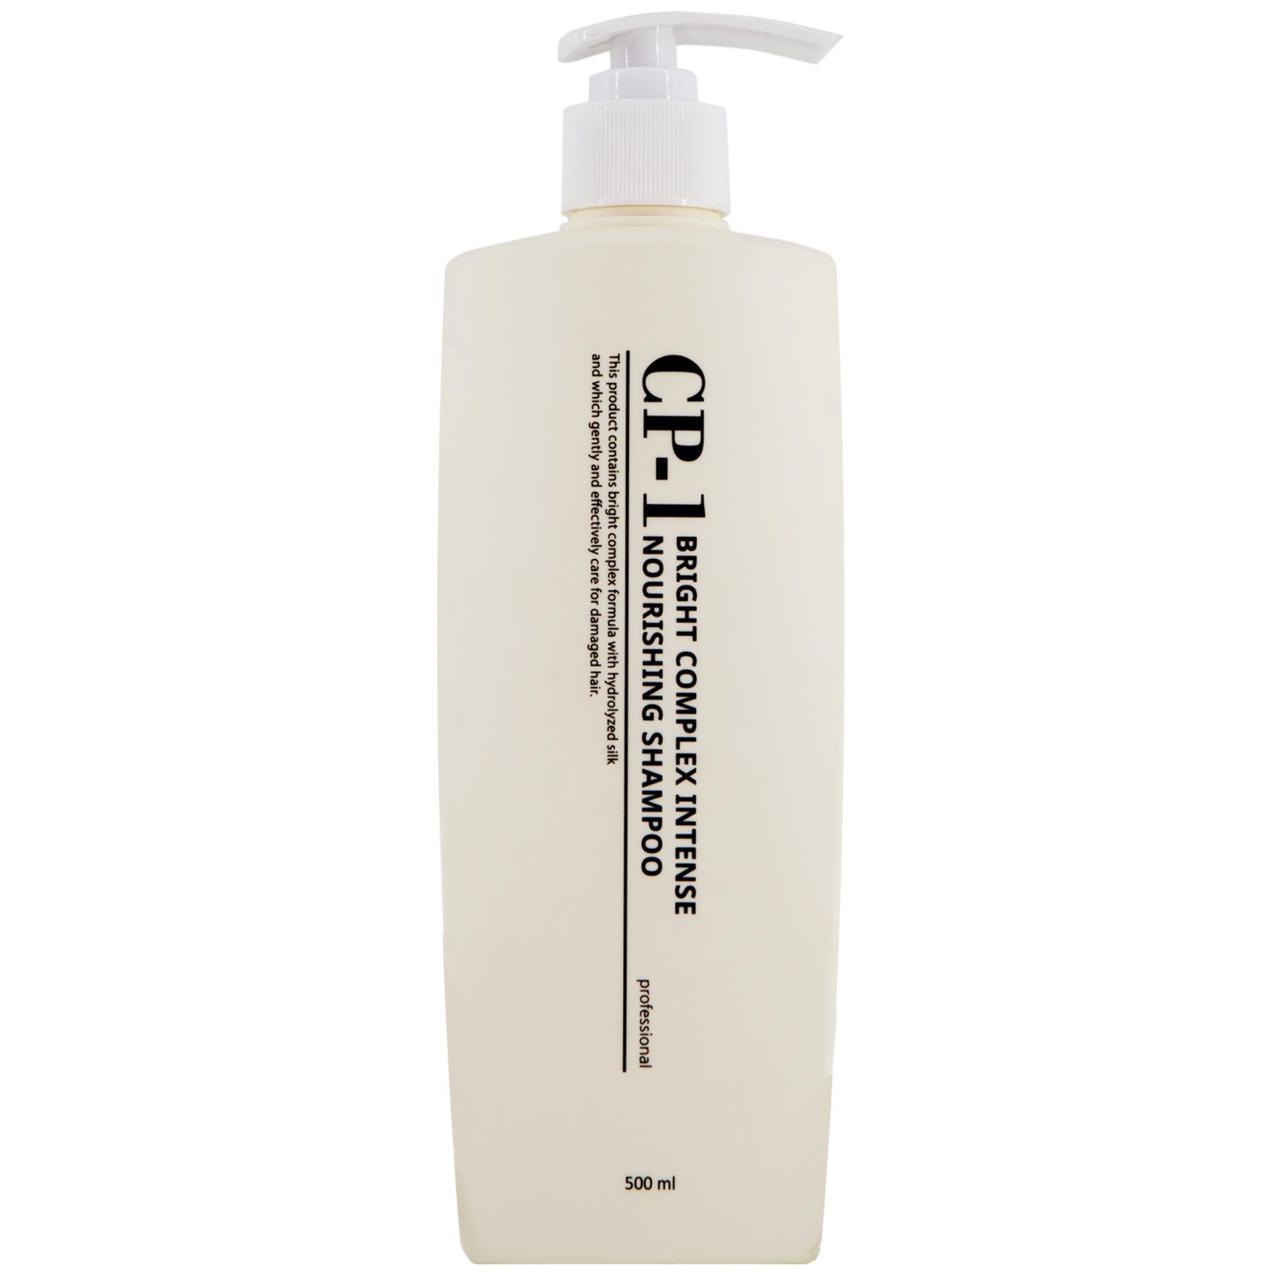 Протеиновый шампунь для волос СР-1 Bright Complex Intense Nourishing Shampoo, 500 мл